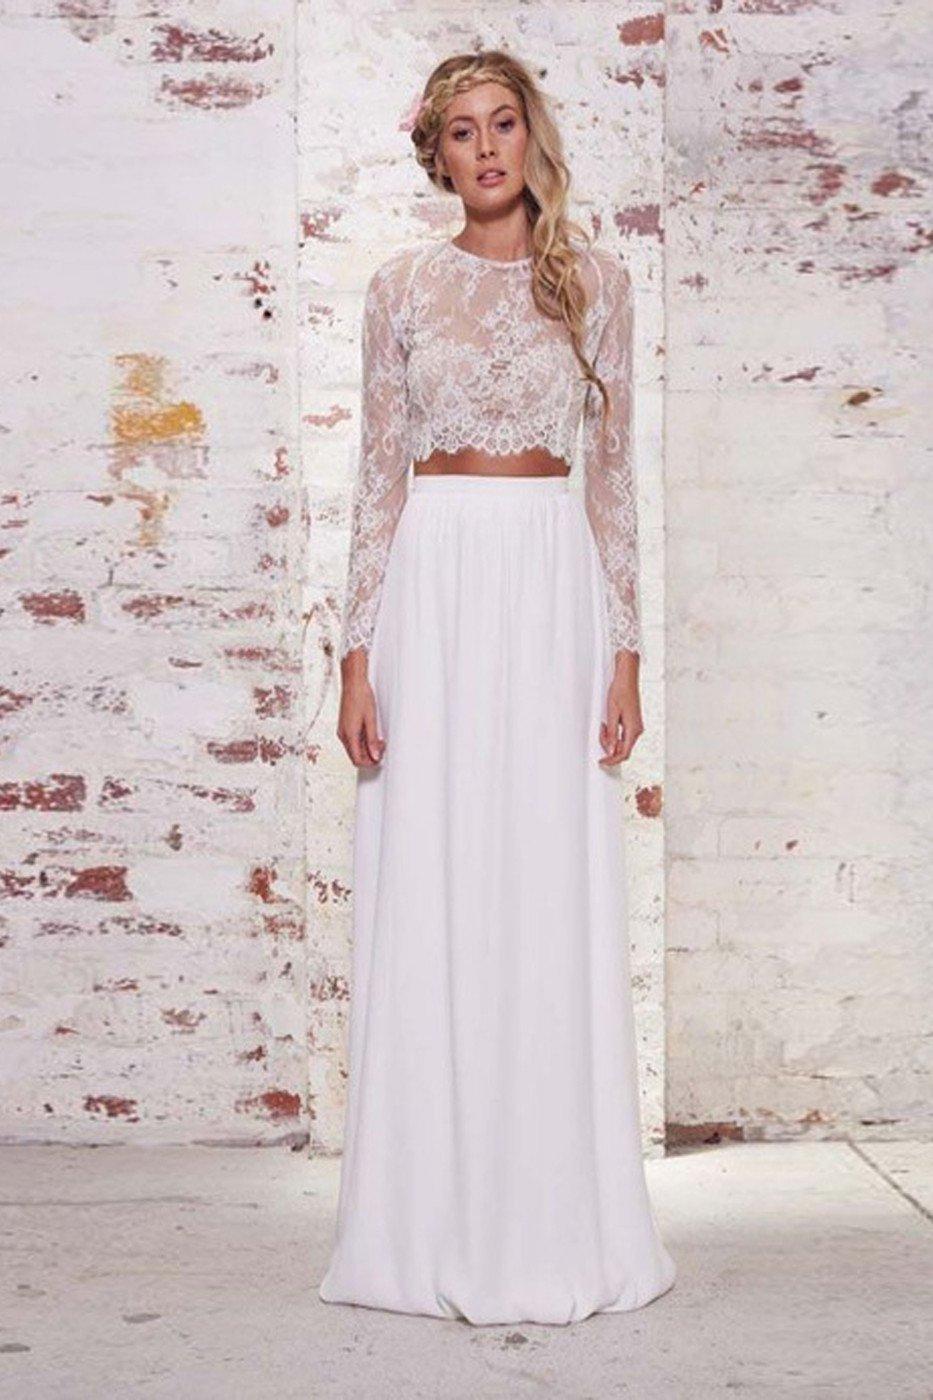 full swing glam white maxi skirt - shopluckyduck - 1 LAHHZJT